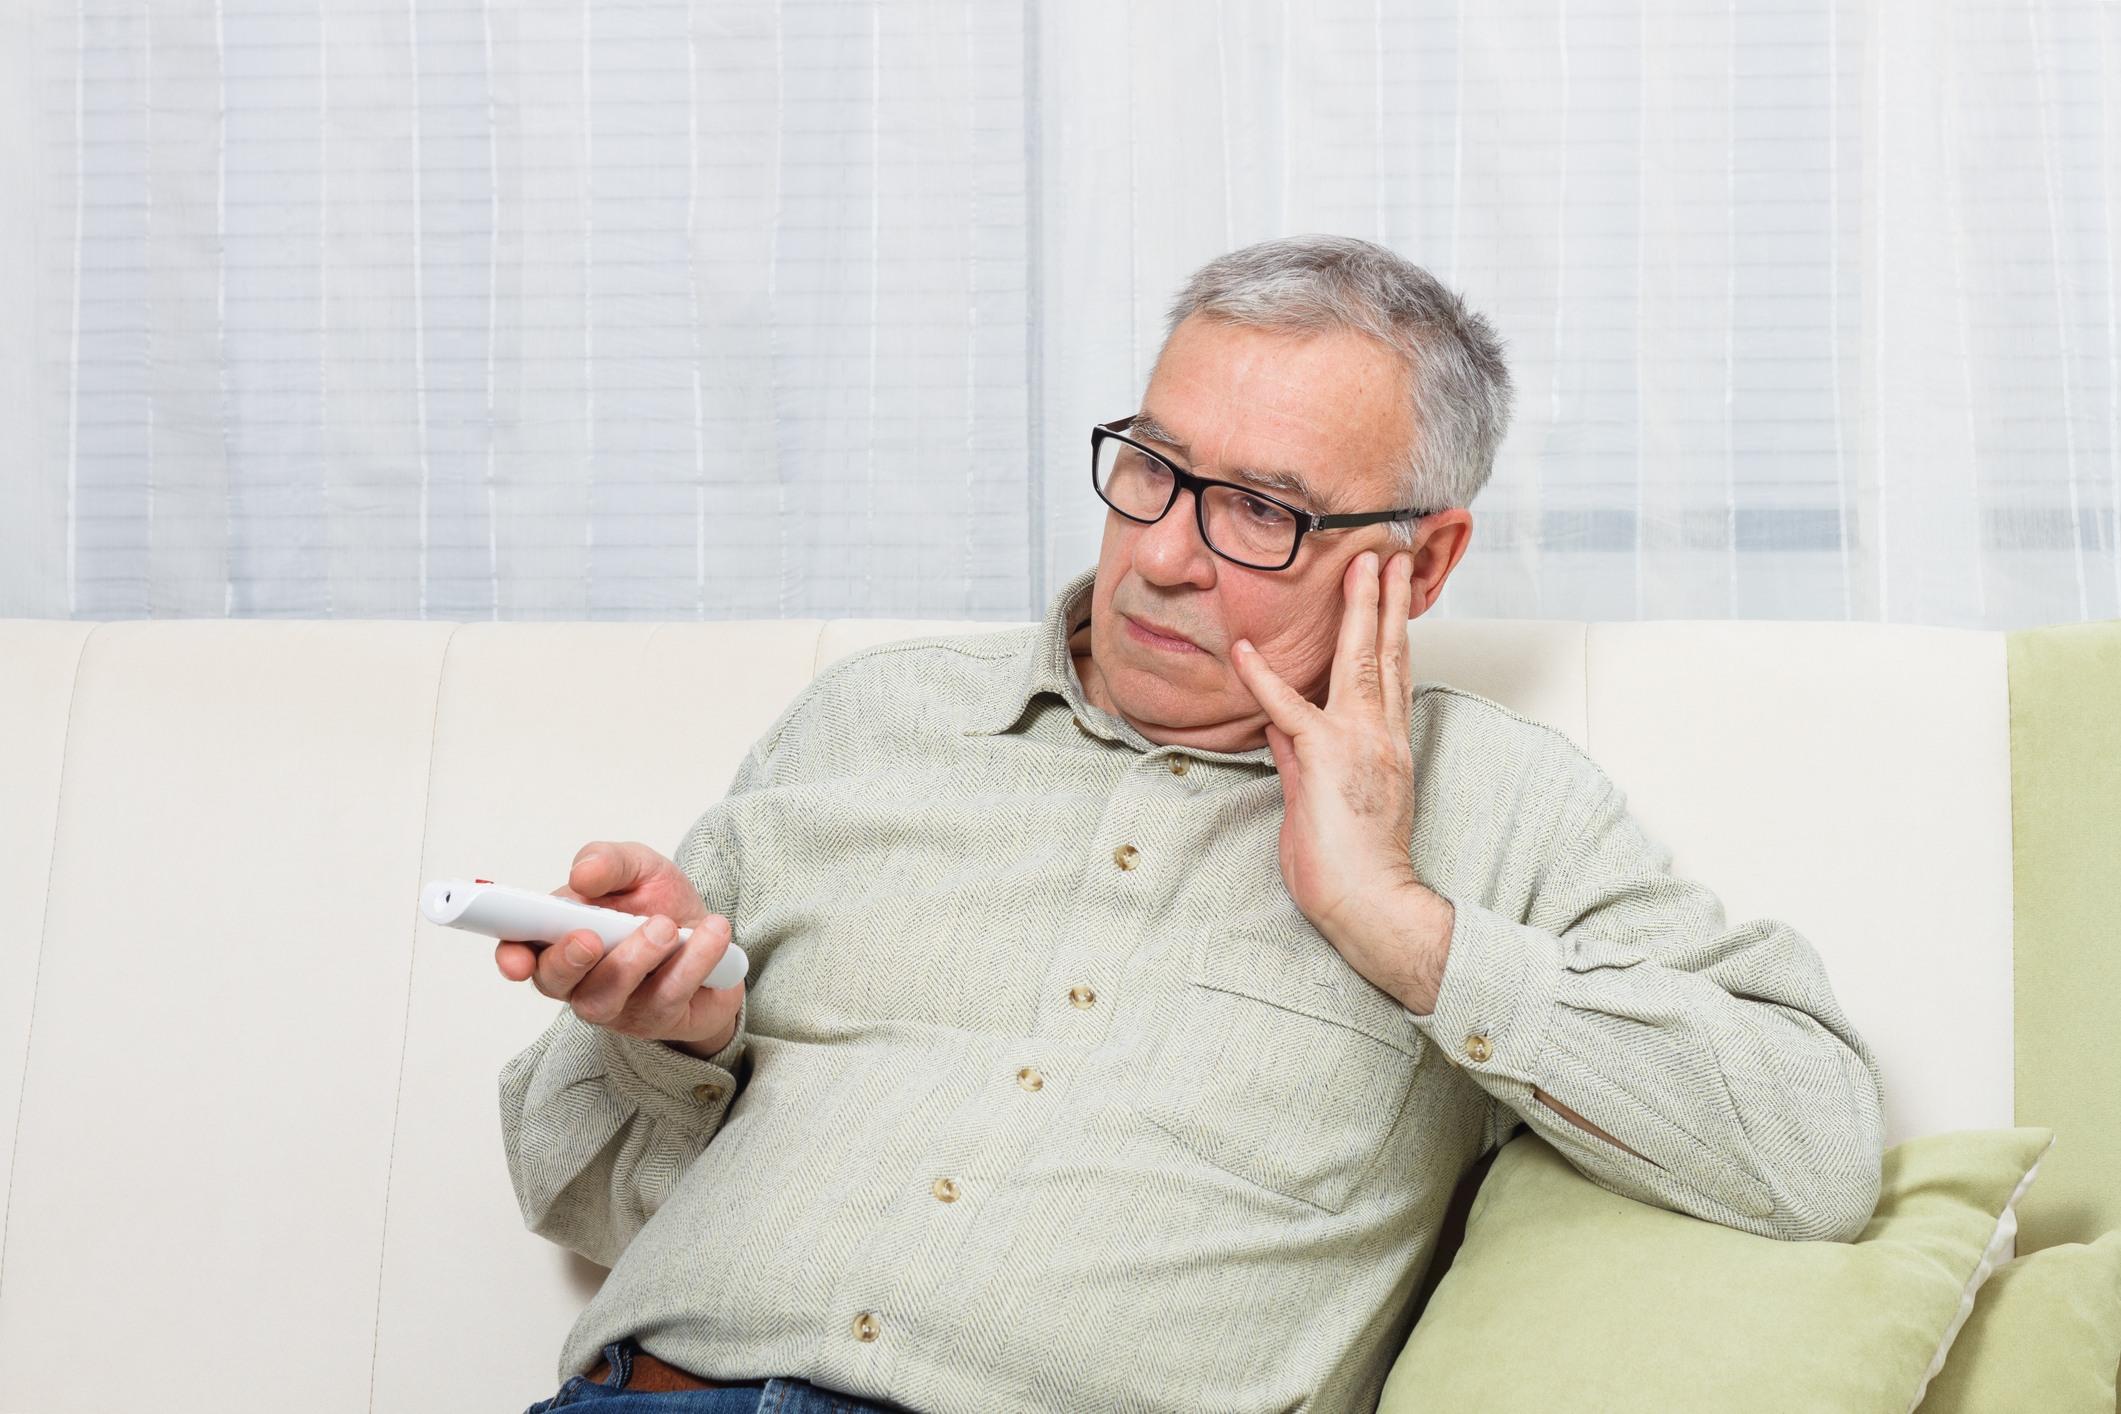 Bored senior man watching tv